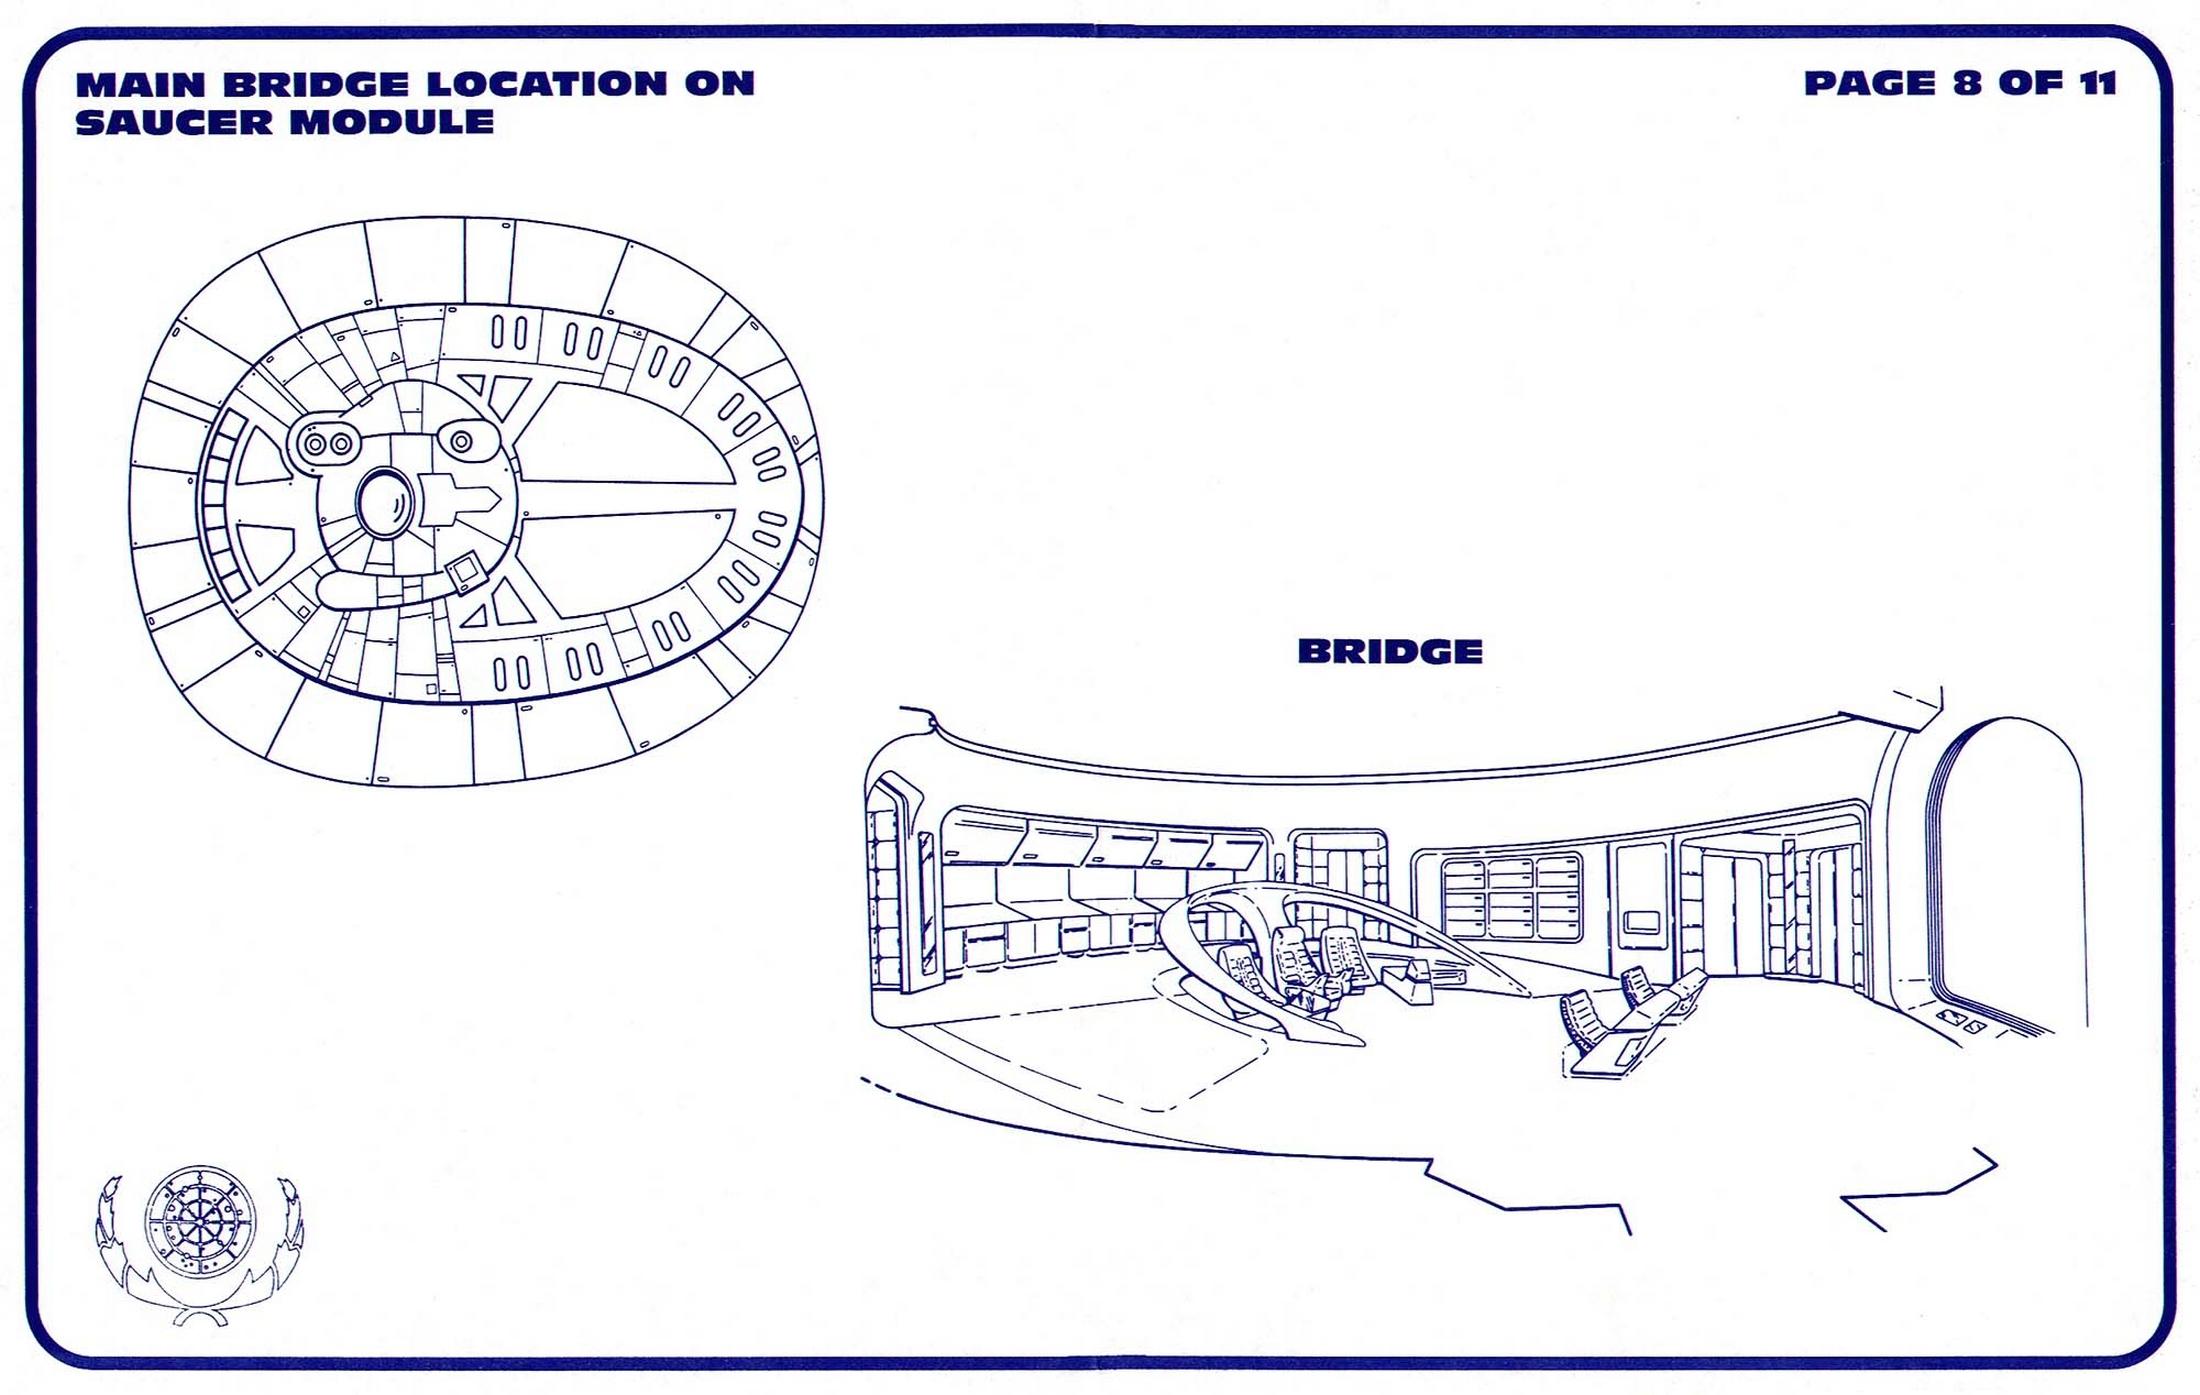 uss enterprise diagram sink drain parts star trek ncc 1701 d blueprints schematics bridge